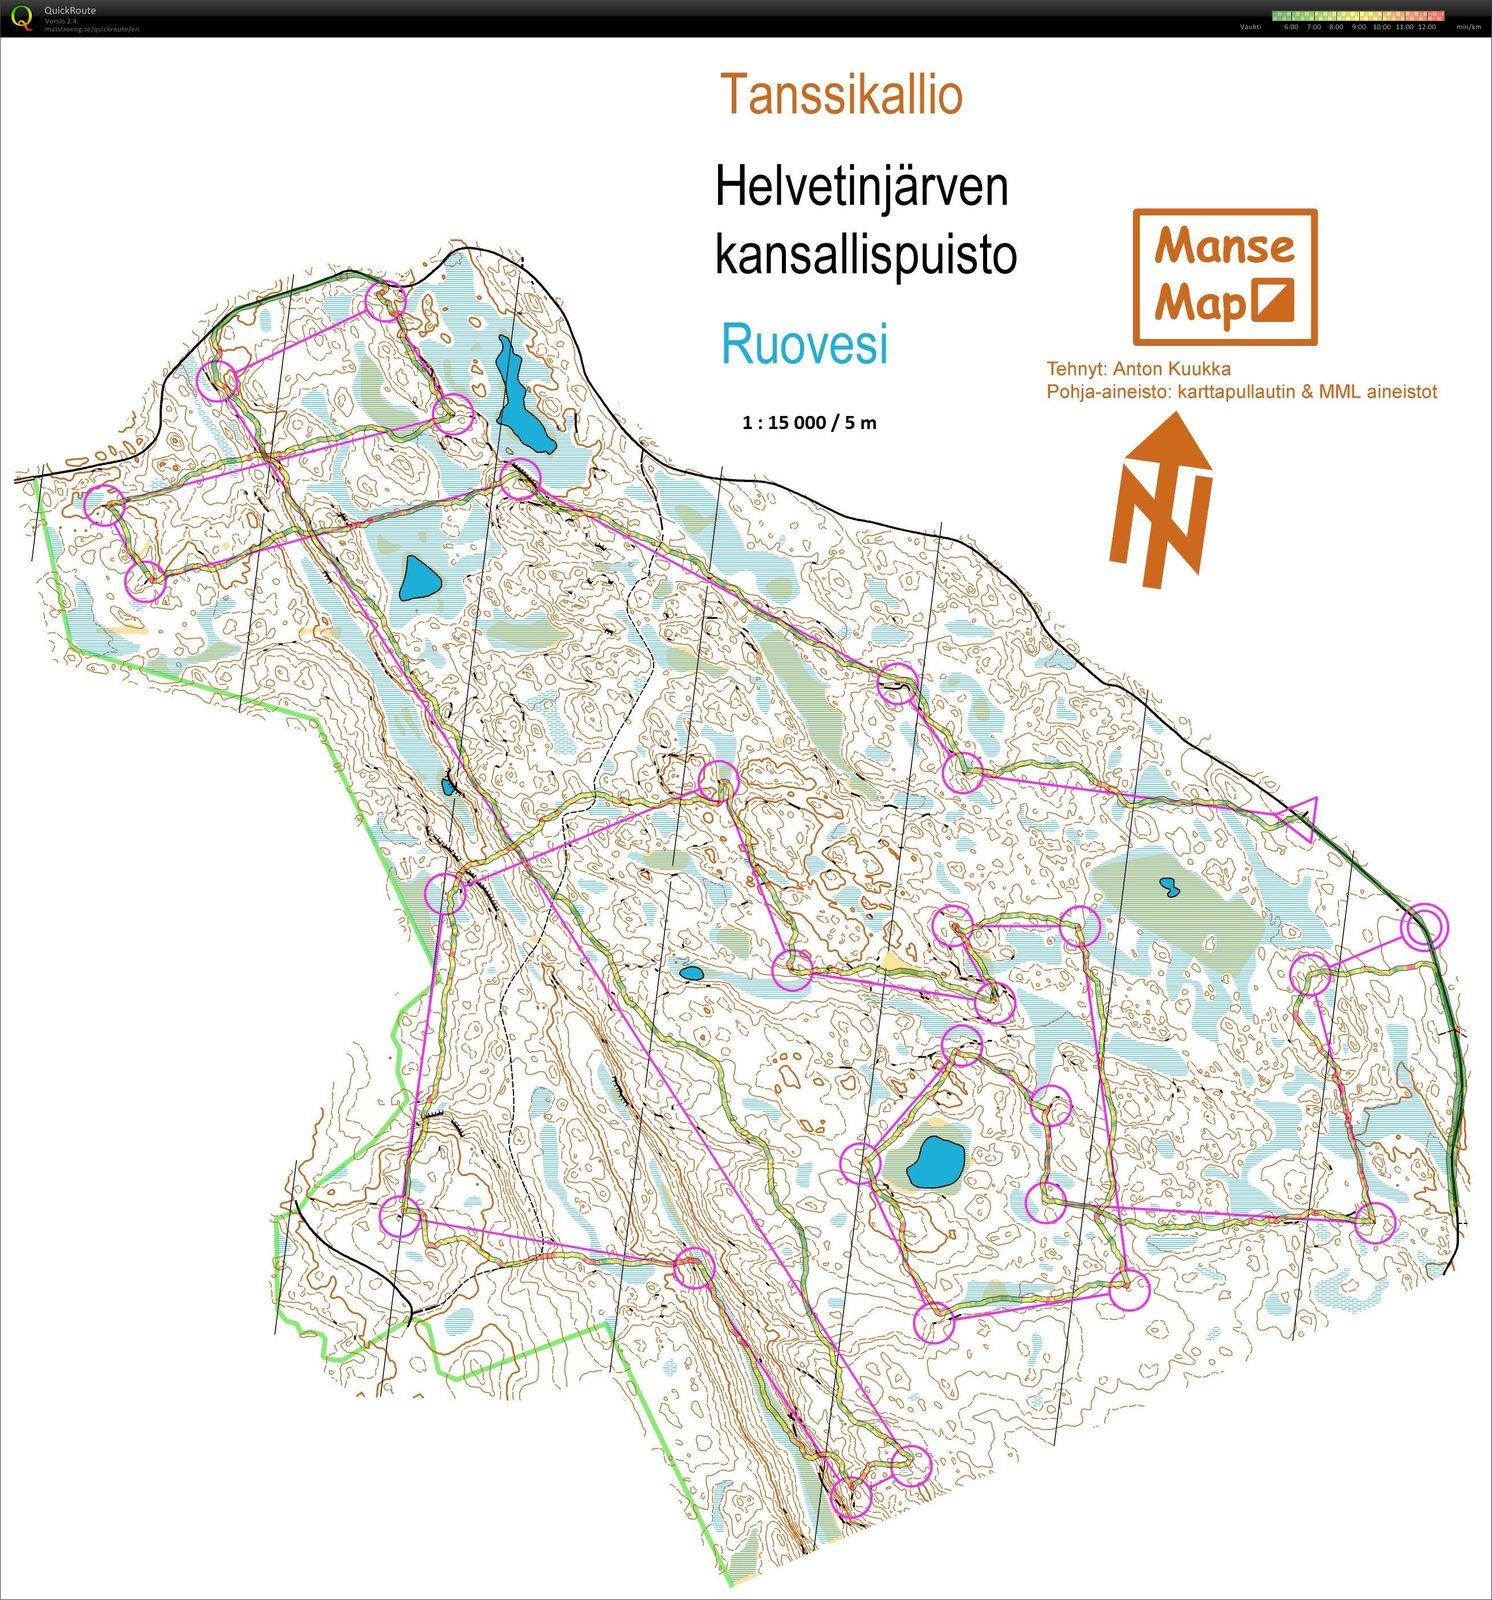 My Doma Digitaalinen Kartta Arkisto Tanssikallio Pitka 05 08 2015